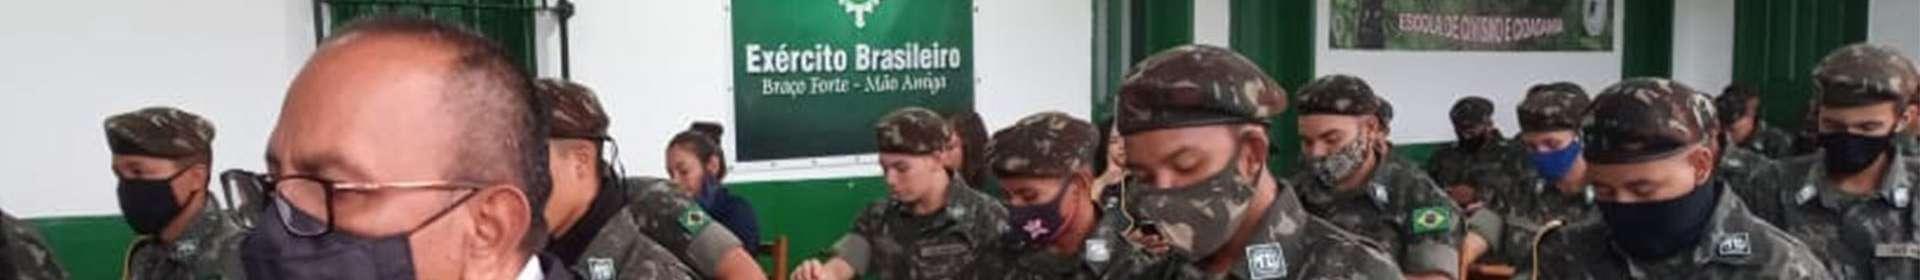 Igreja Cristã Maranata realiza cultos com Oficiais do Exército Brasileiro